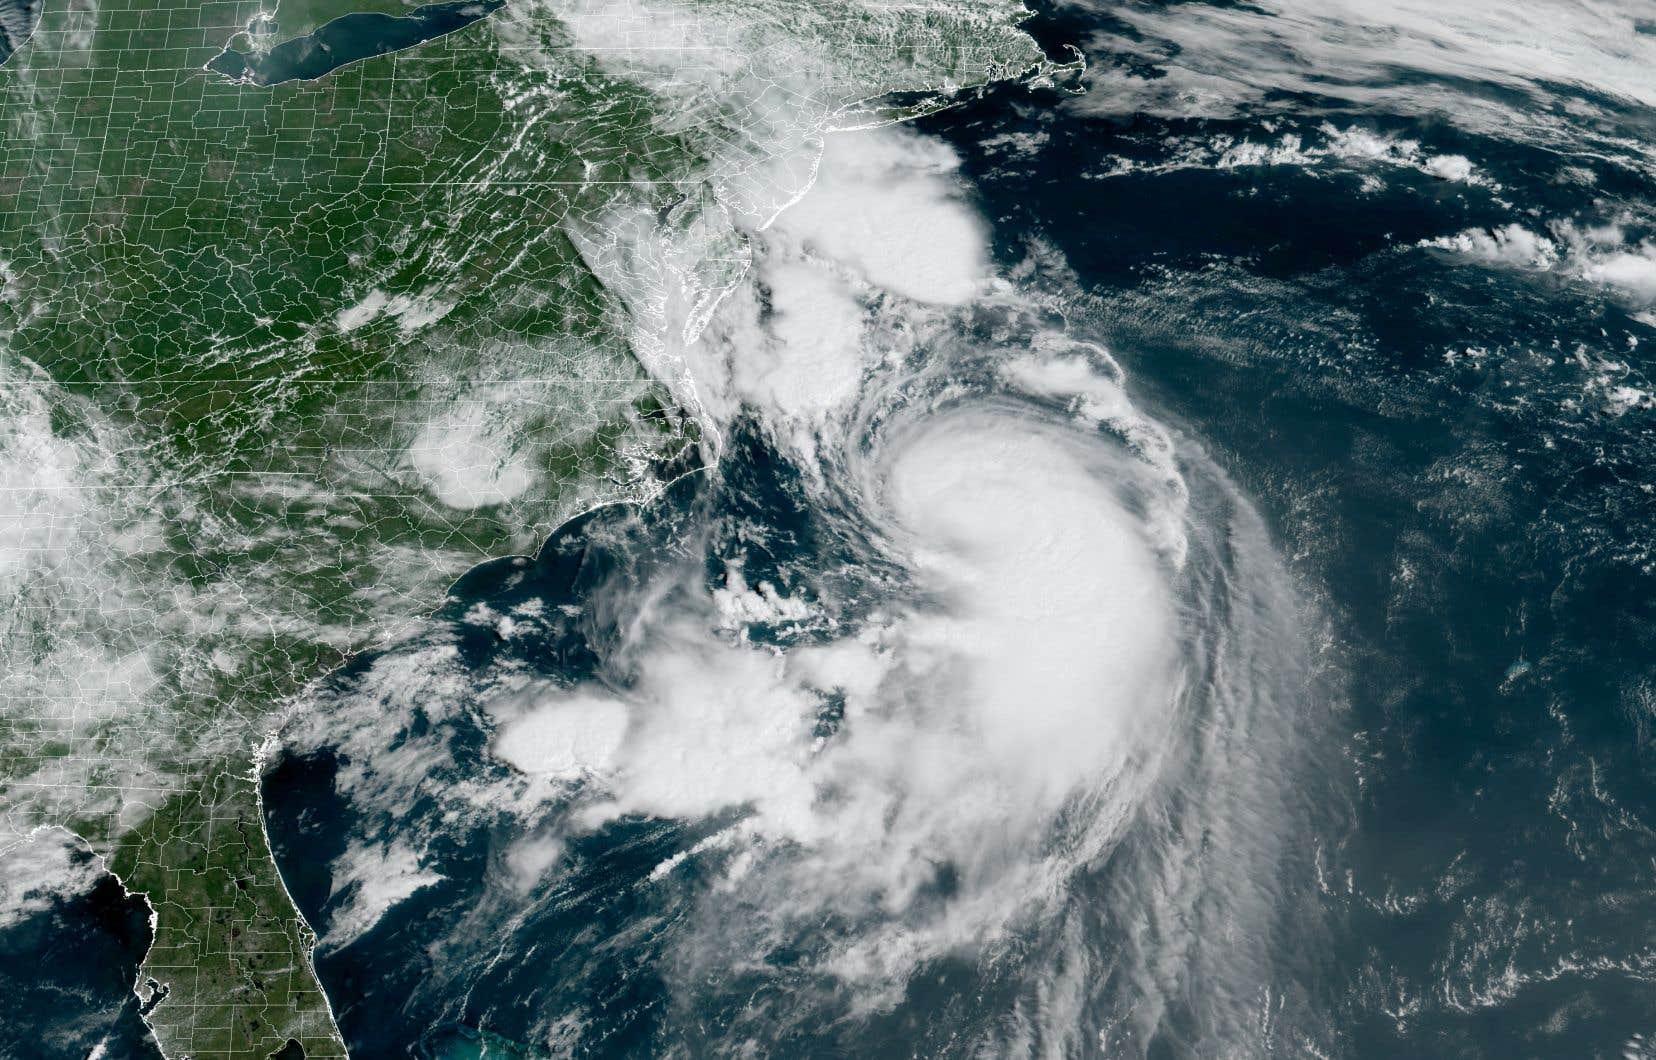 L'ouragan pourrait provoquer des coupures de courant affectant 100000 à 300000 habitants.